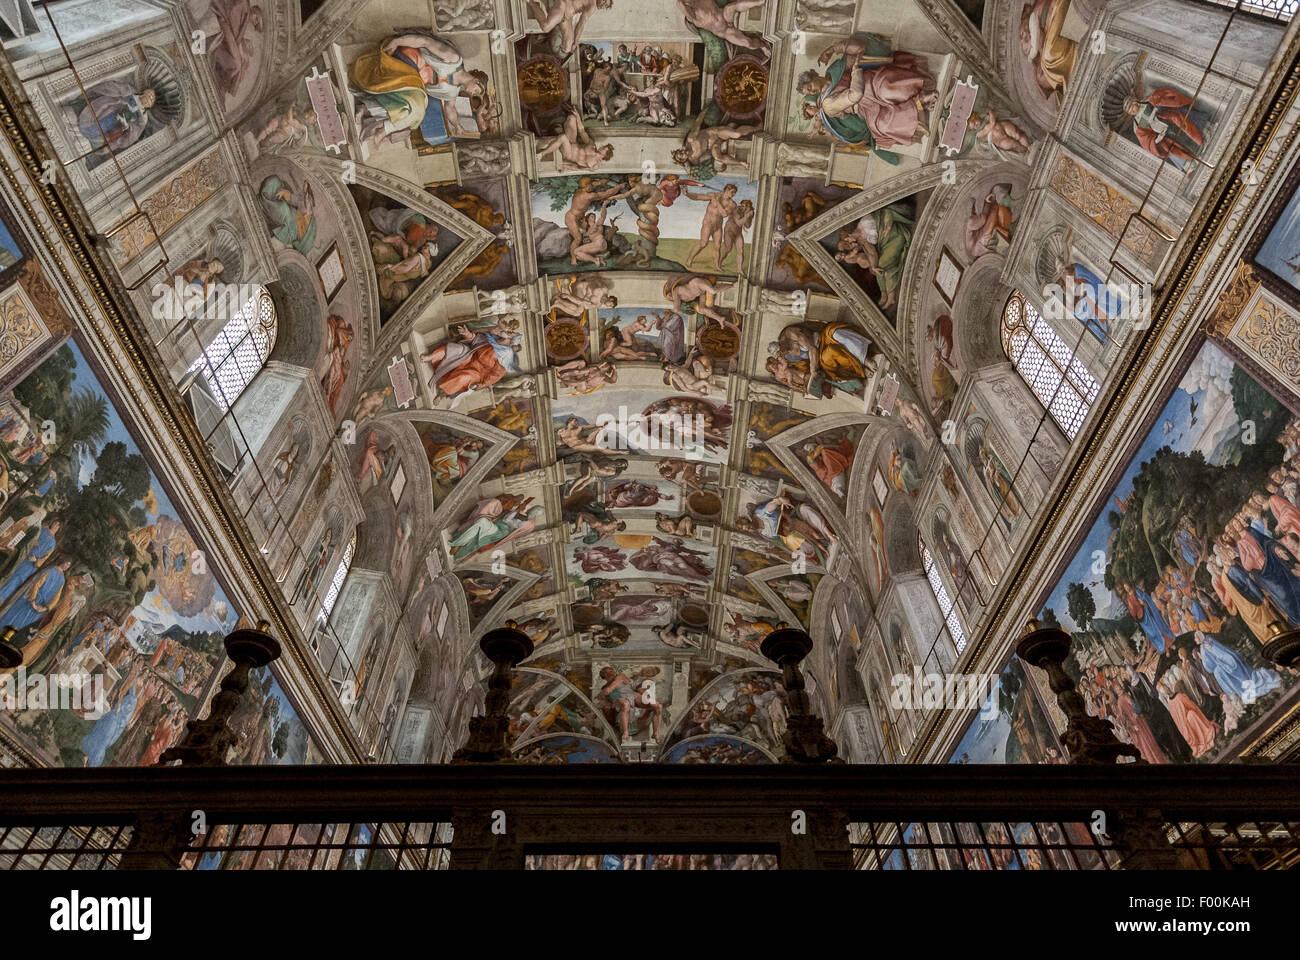 Le plafond de la Chapelle Sixtine, peinte par Michel-Ange. Musées du Vatican, Vatican, Rome, Italie Photo Stock